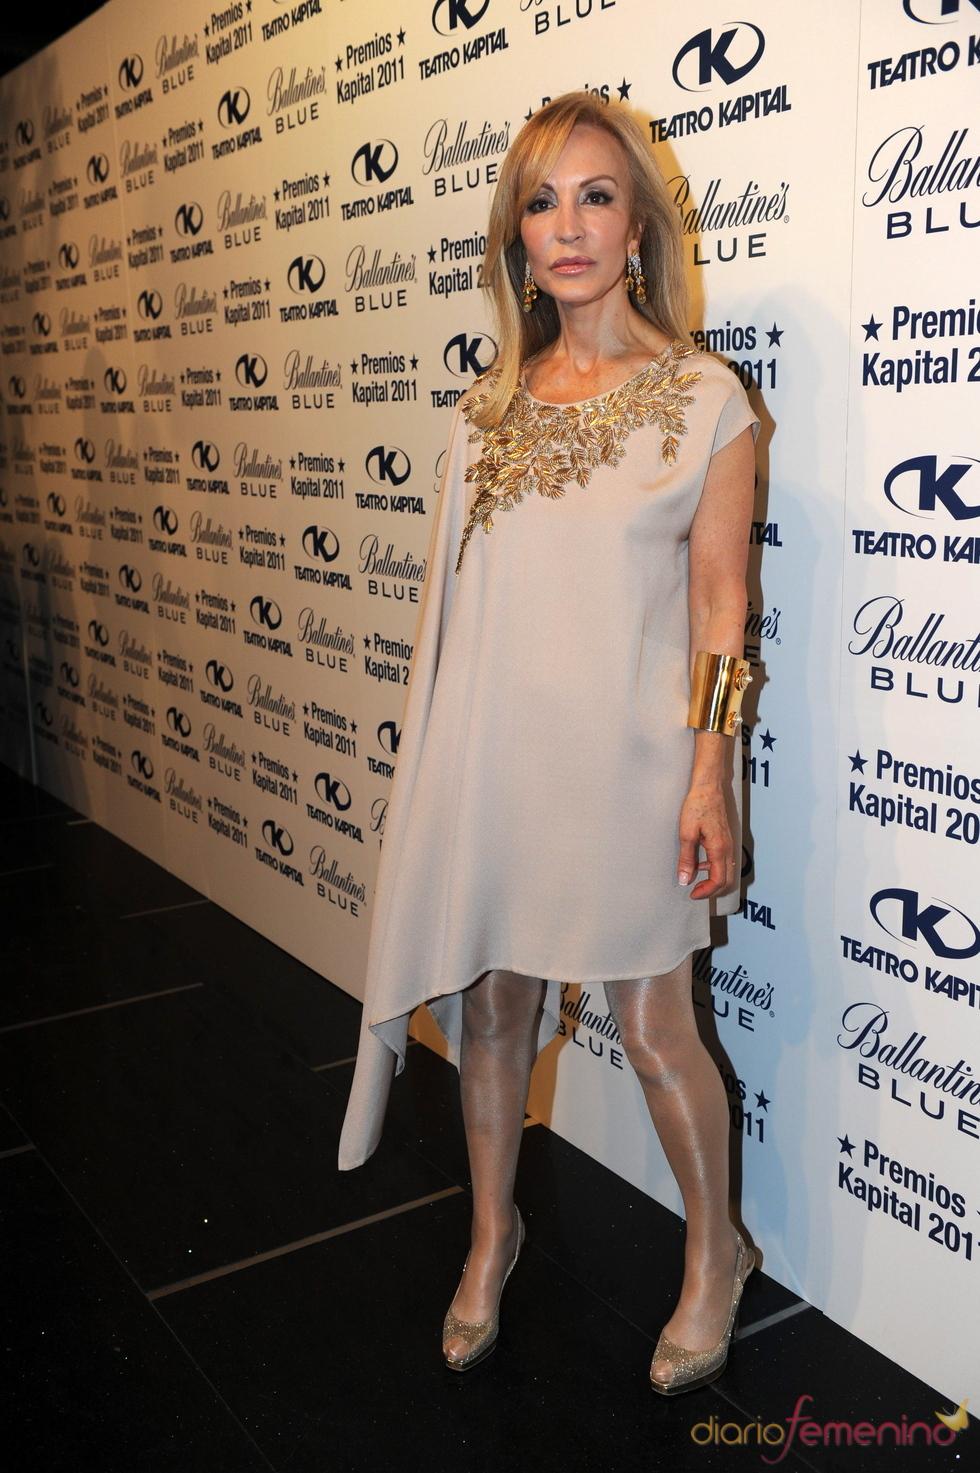 Carmen Lomana posando en los Premios Kapital 2011